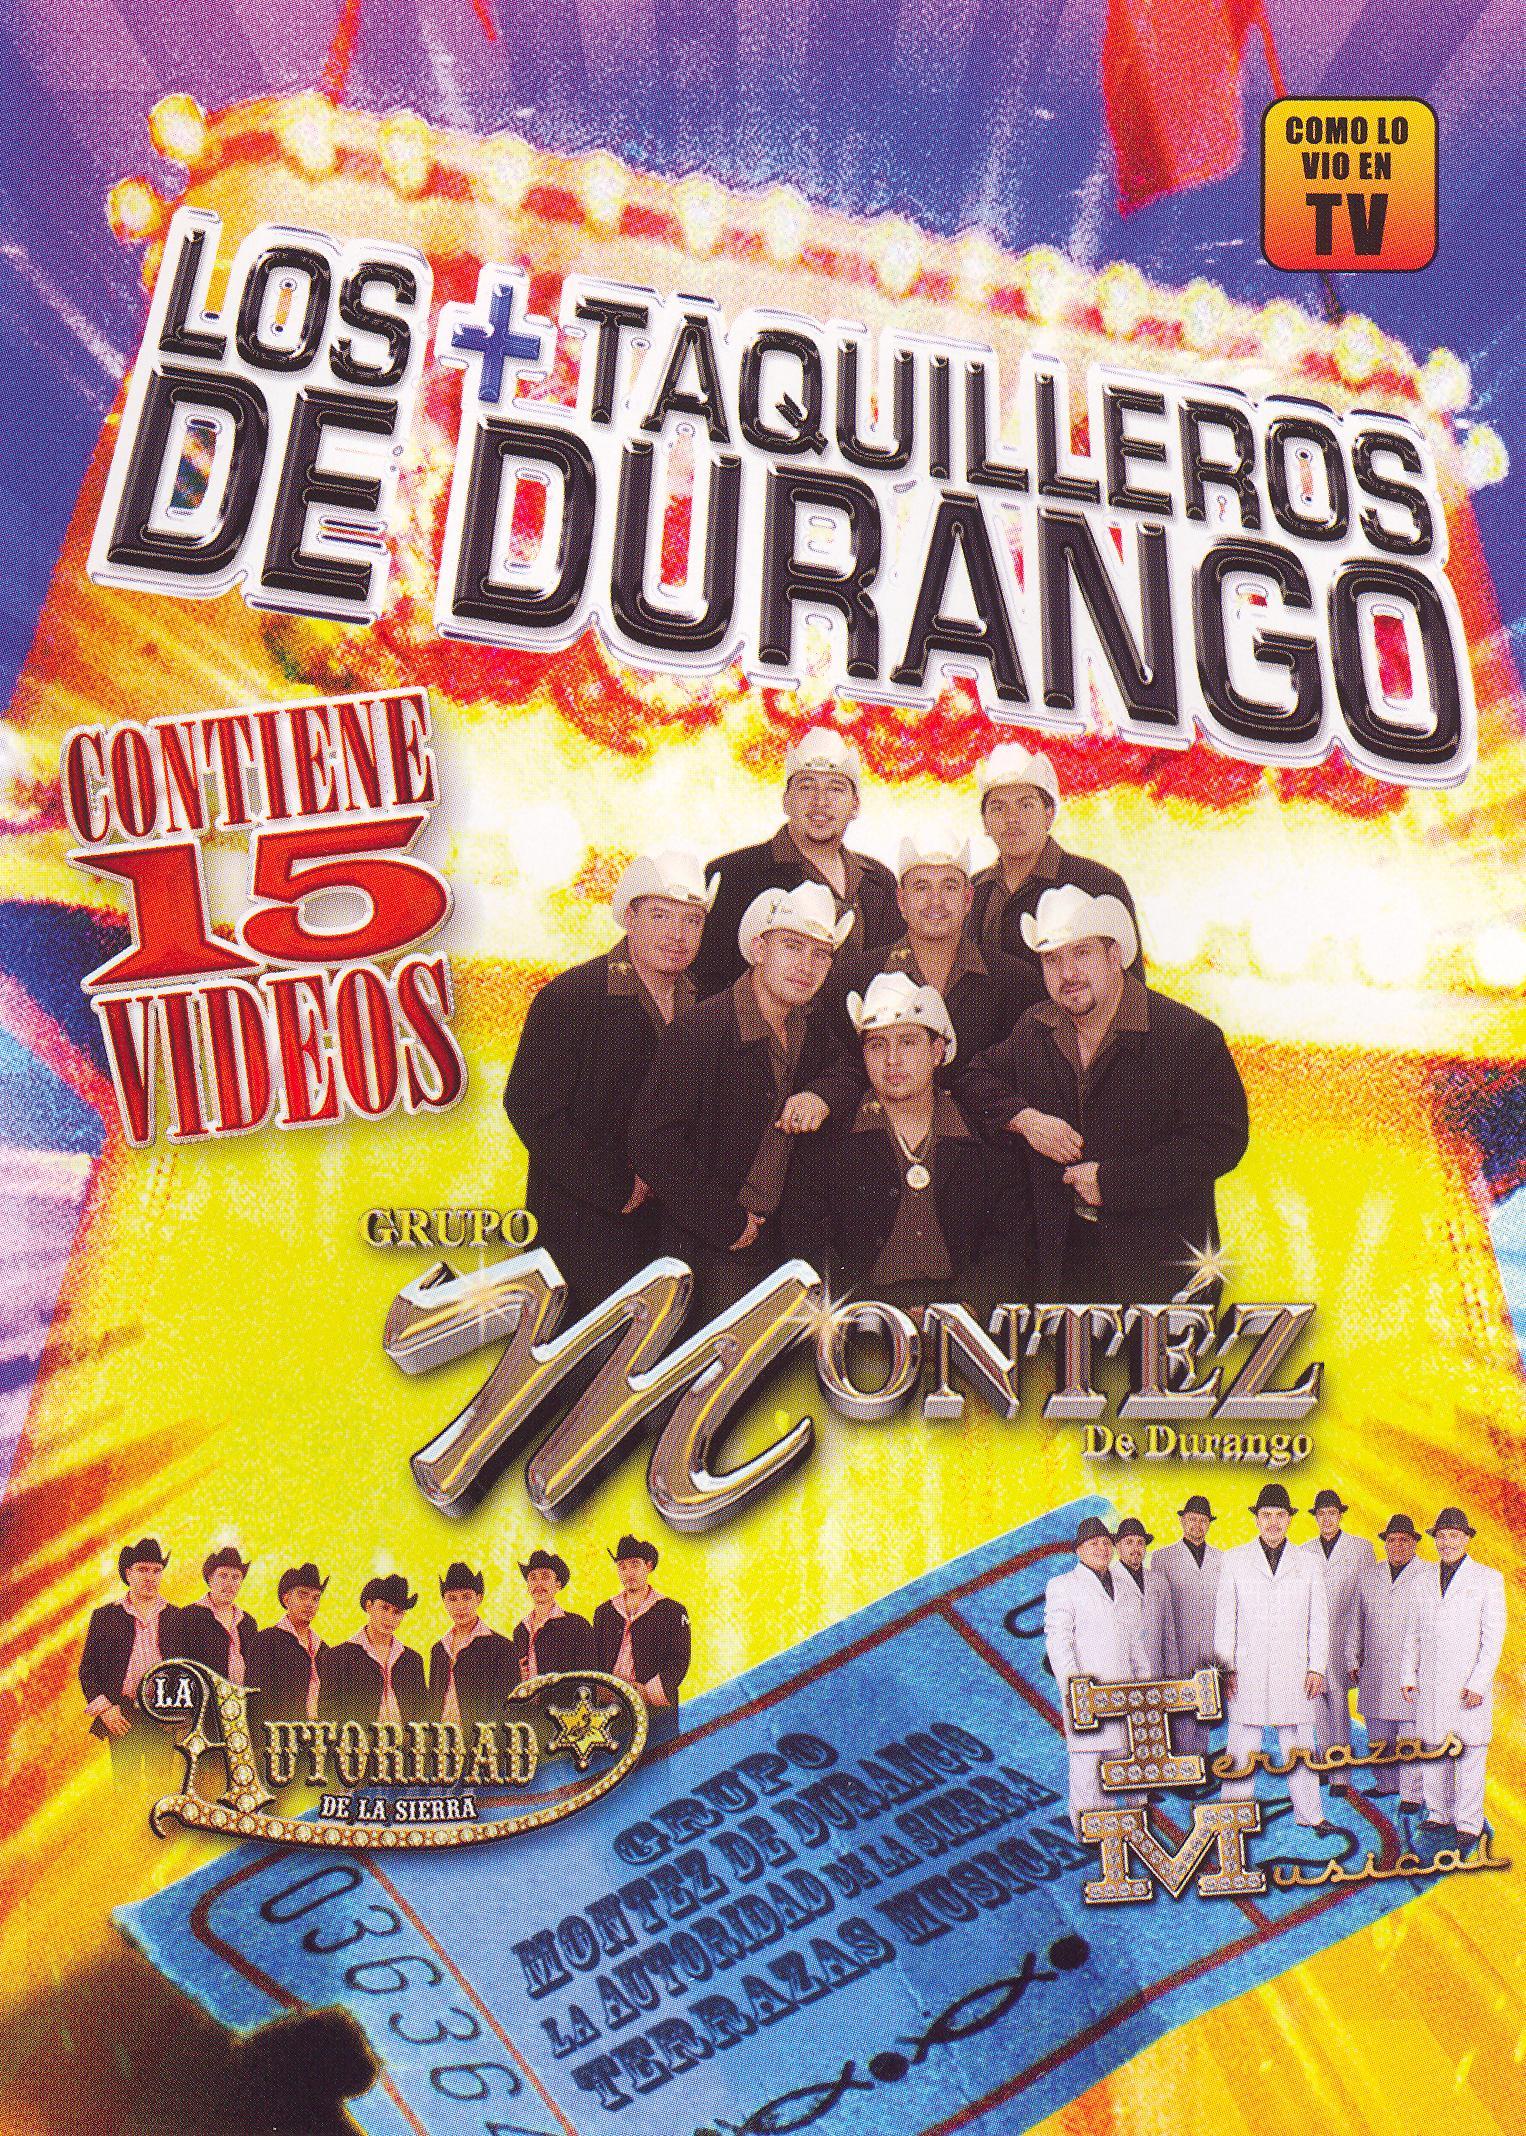 Lo + Taquilleros de Durango